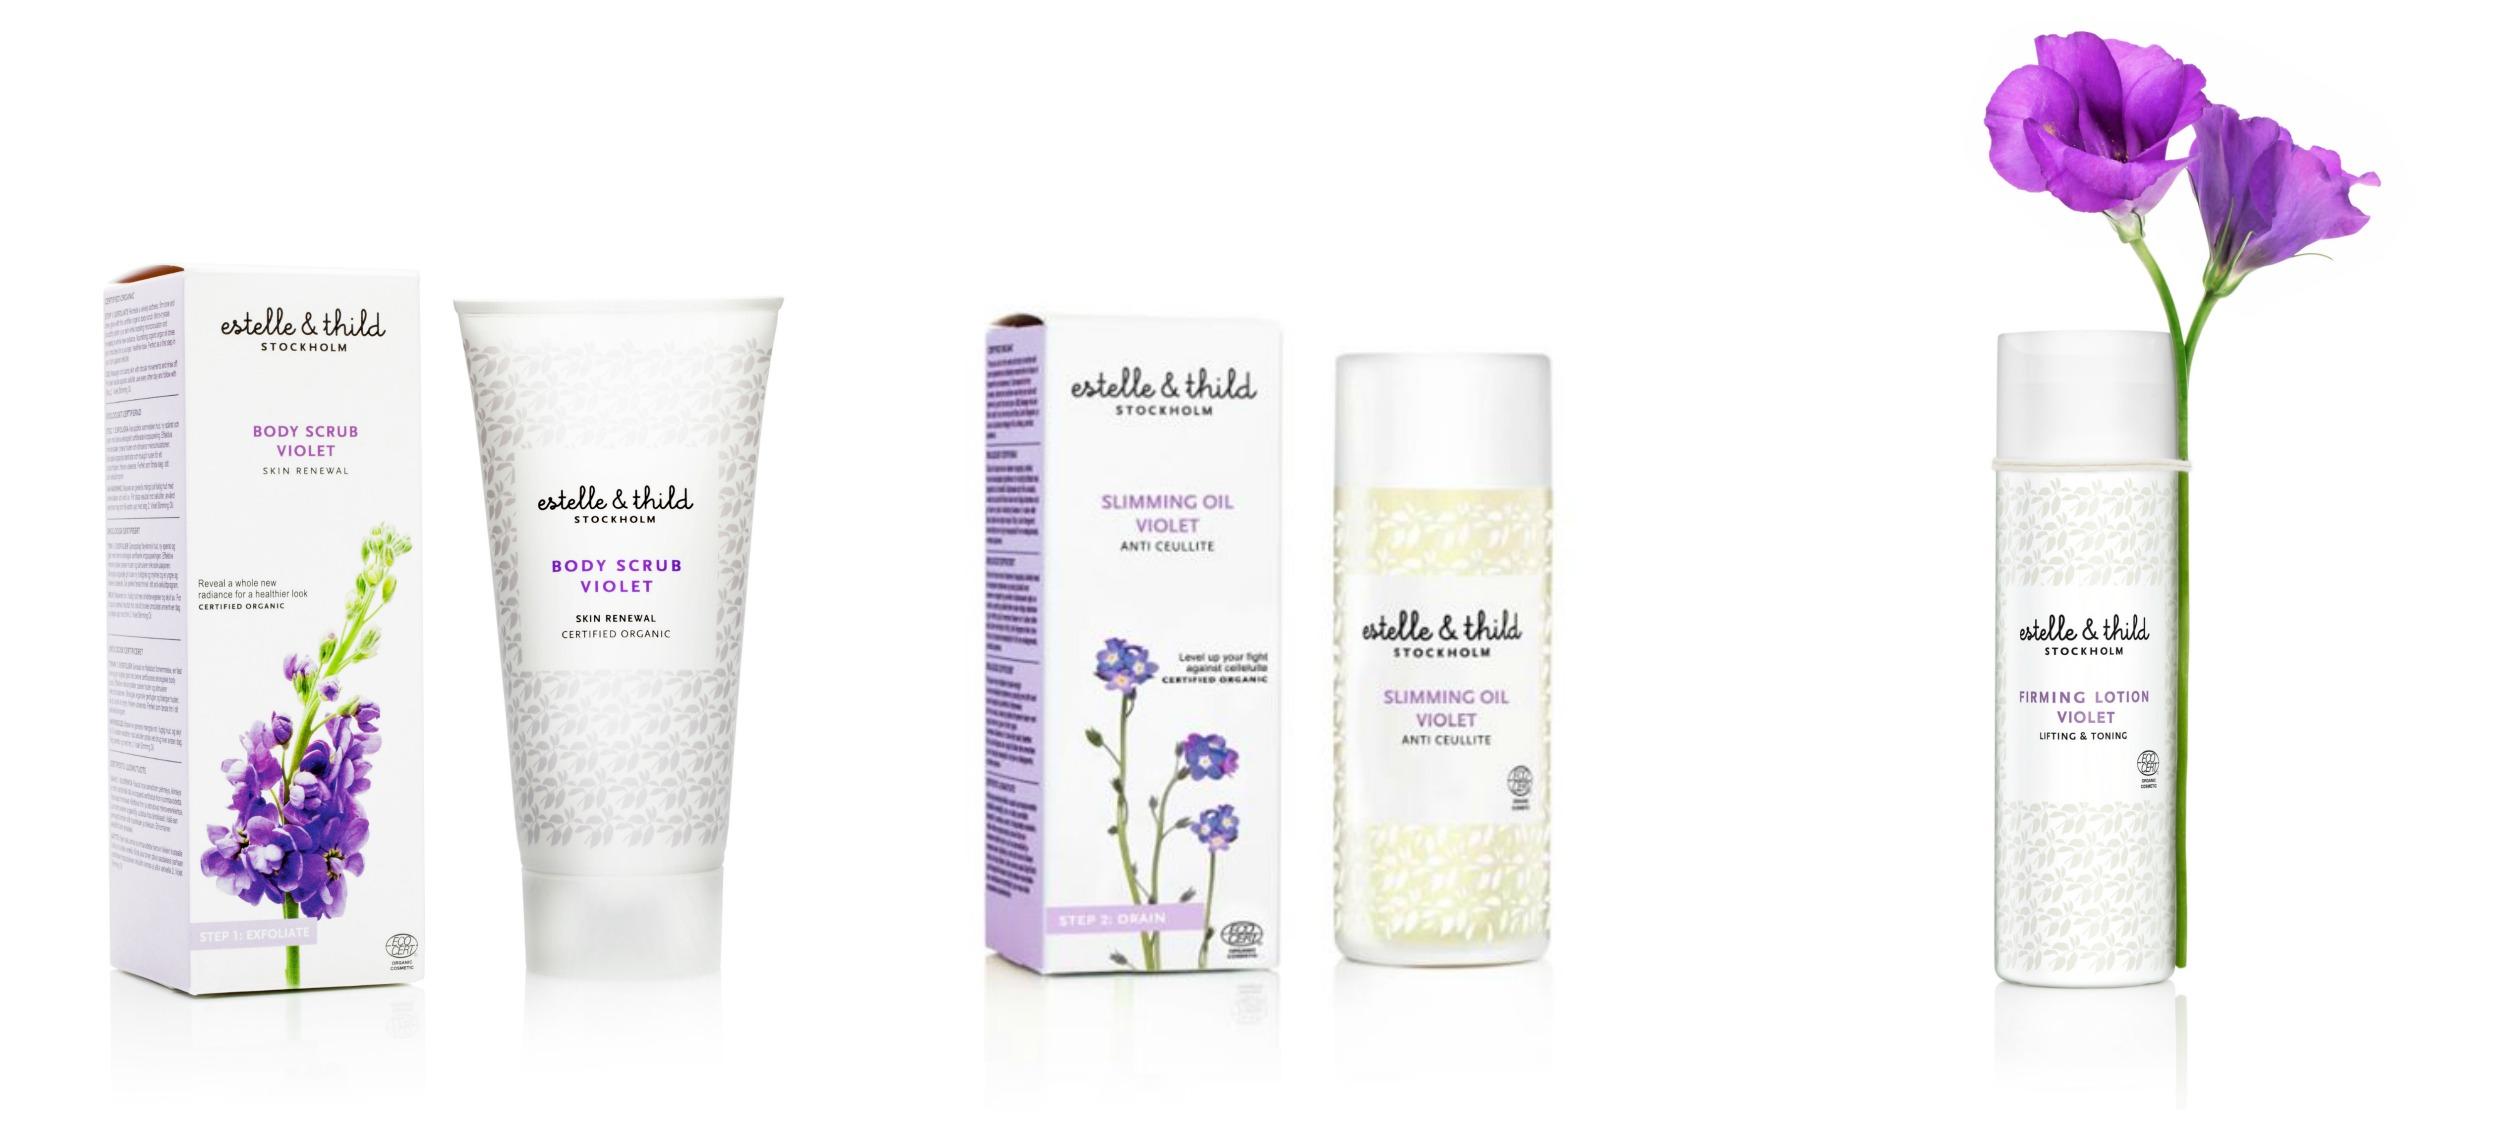 estelle & thild pregnancy oil